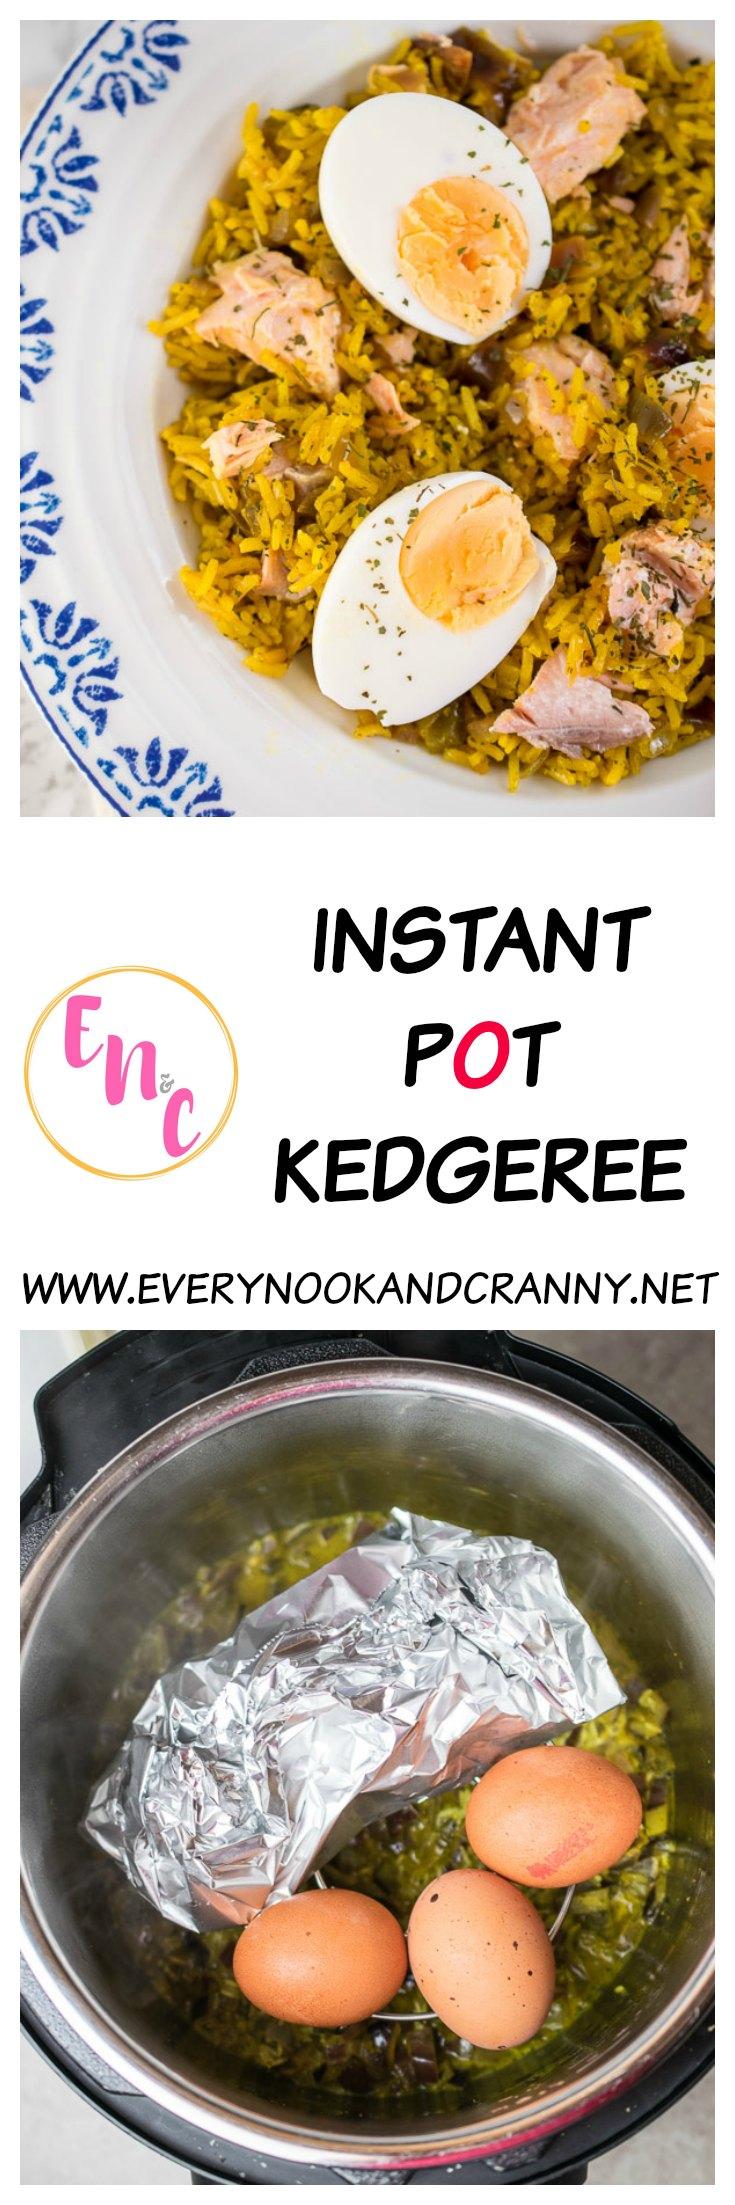 Instant pot kedgeree every nook cranny for Instant pot fish recipes